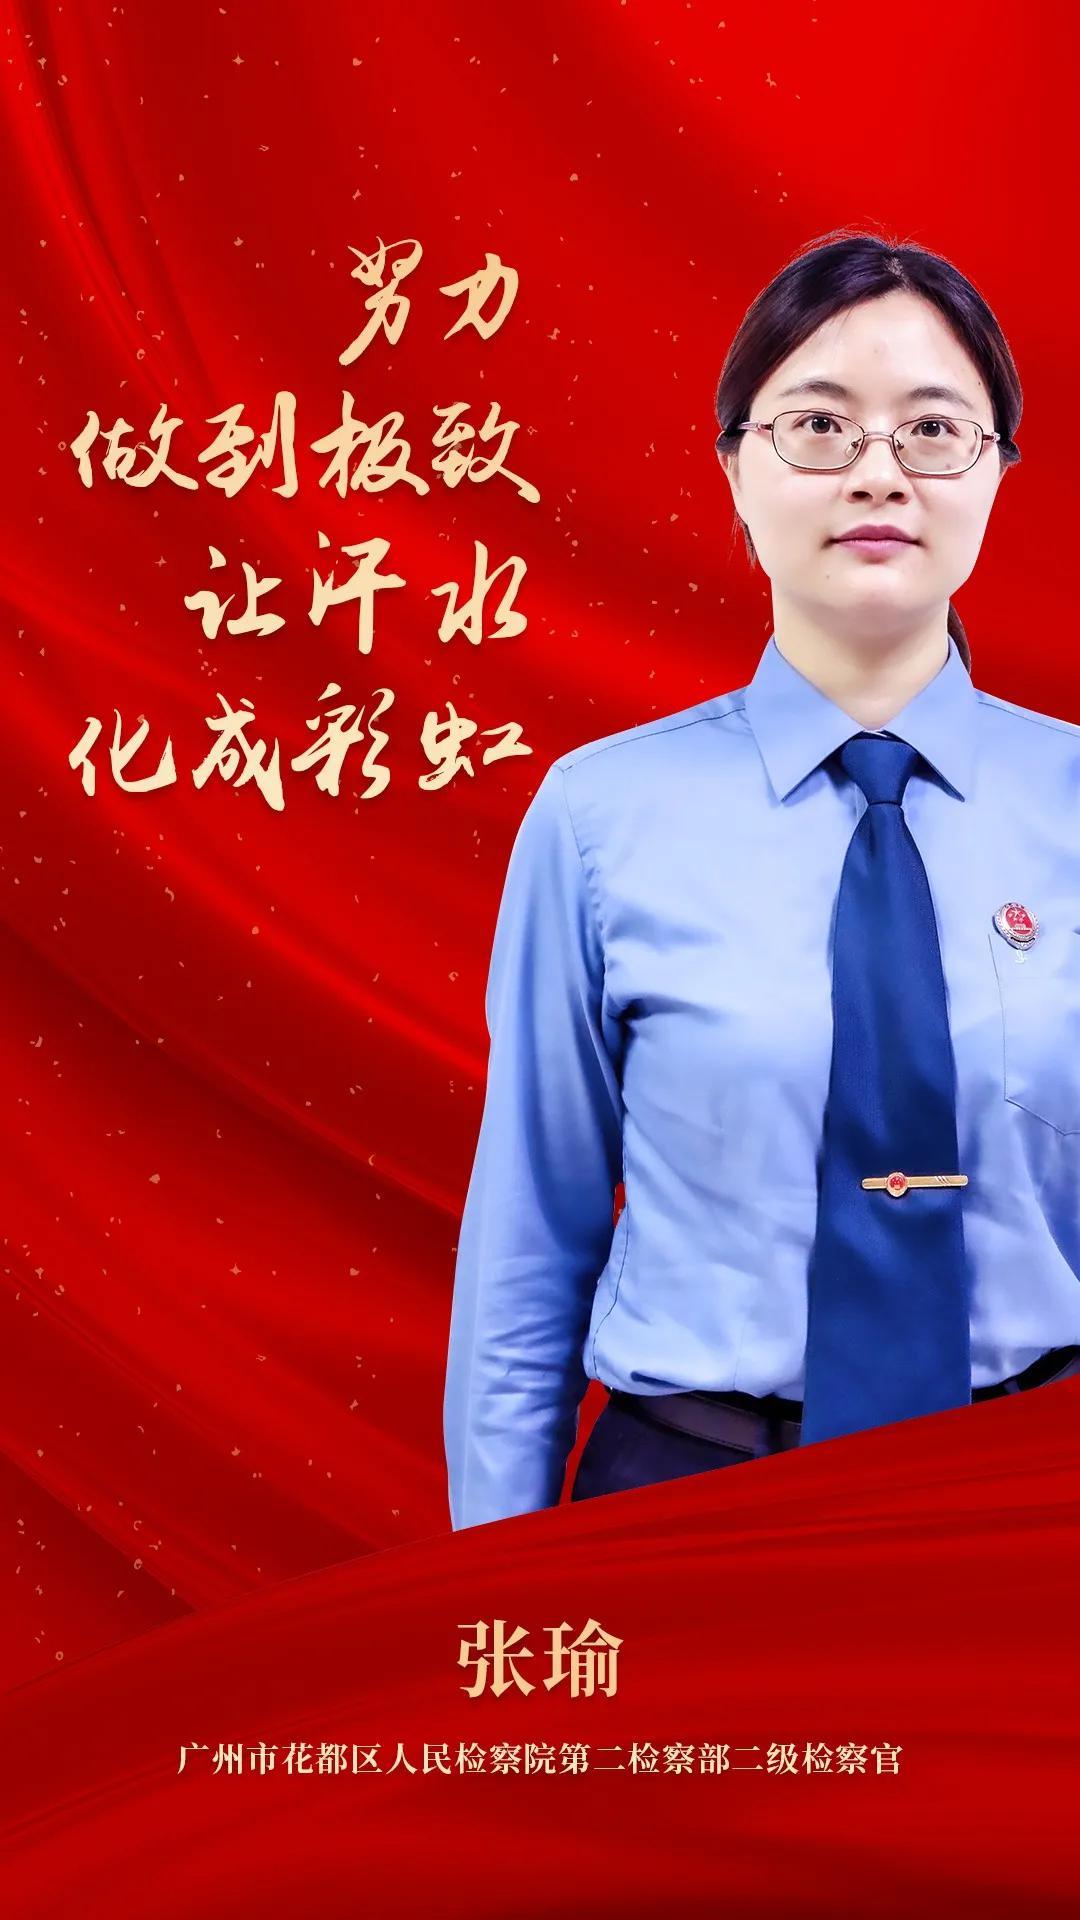 广州市花都区人民检察院张瑜:努力做到极致,让汗水化成彩虹